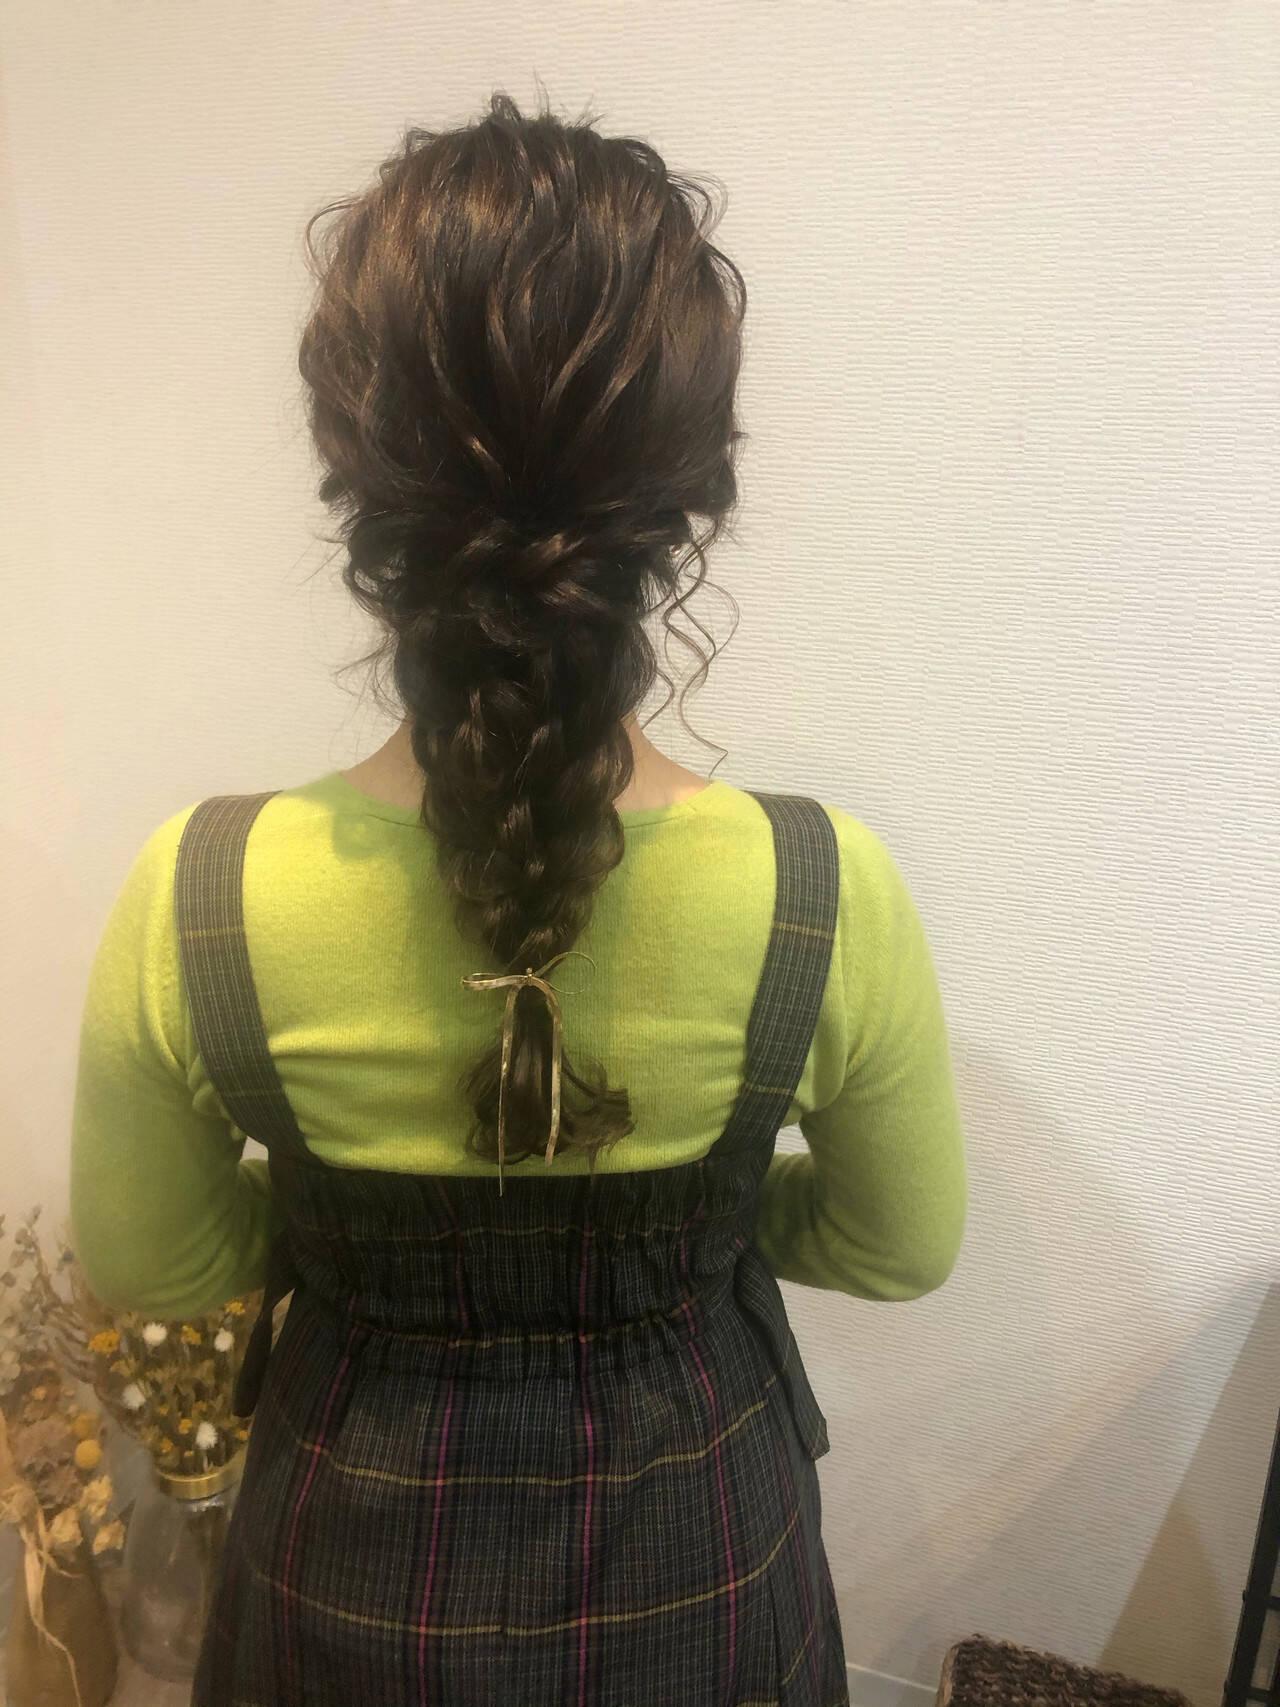 編みおろしヘア ヘアセット ヘアアレンジ 編みおろしヘアスタイルや髪型の写真・画像